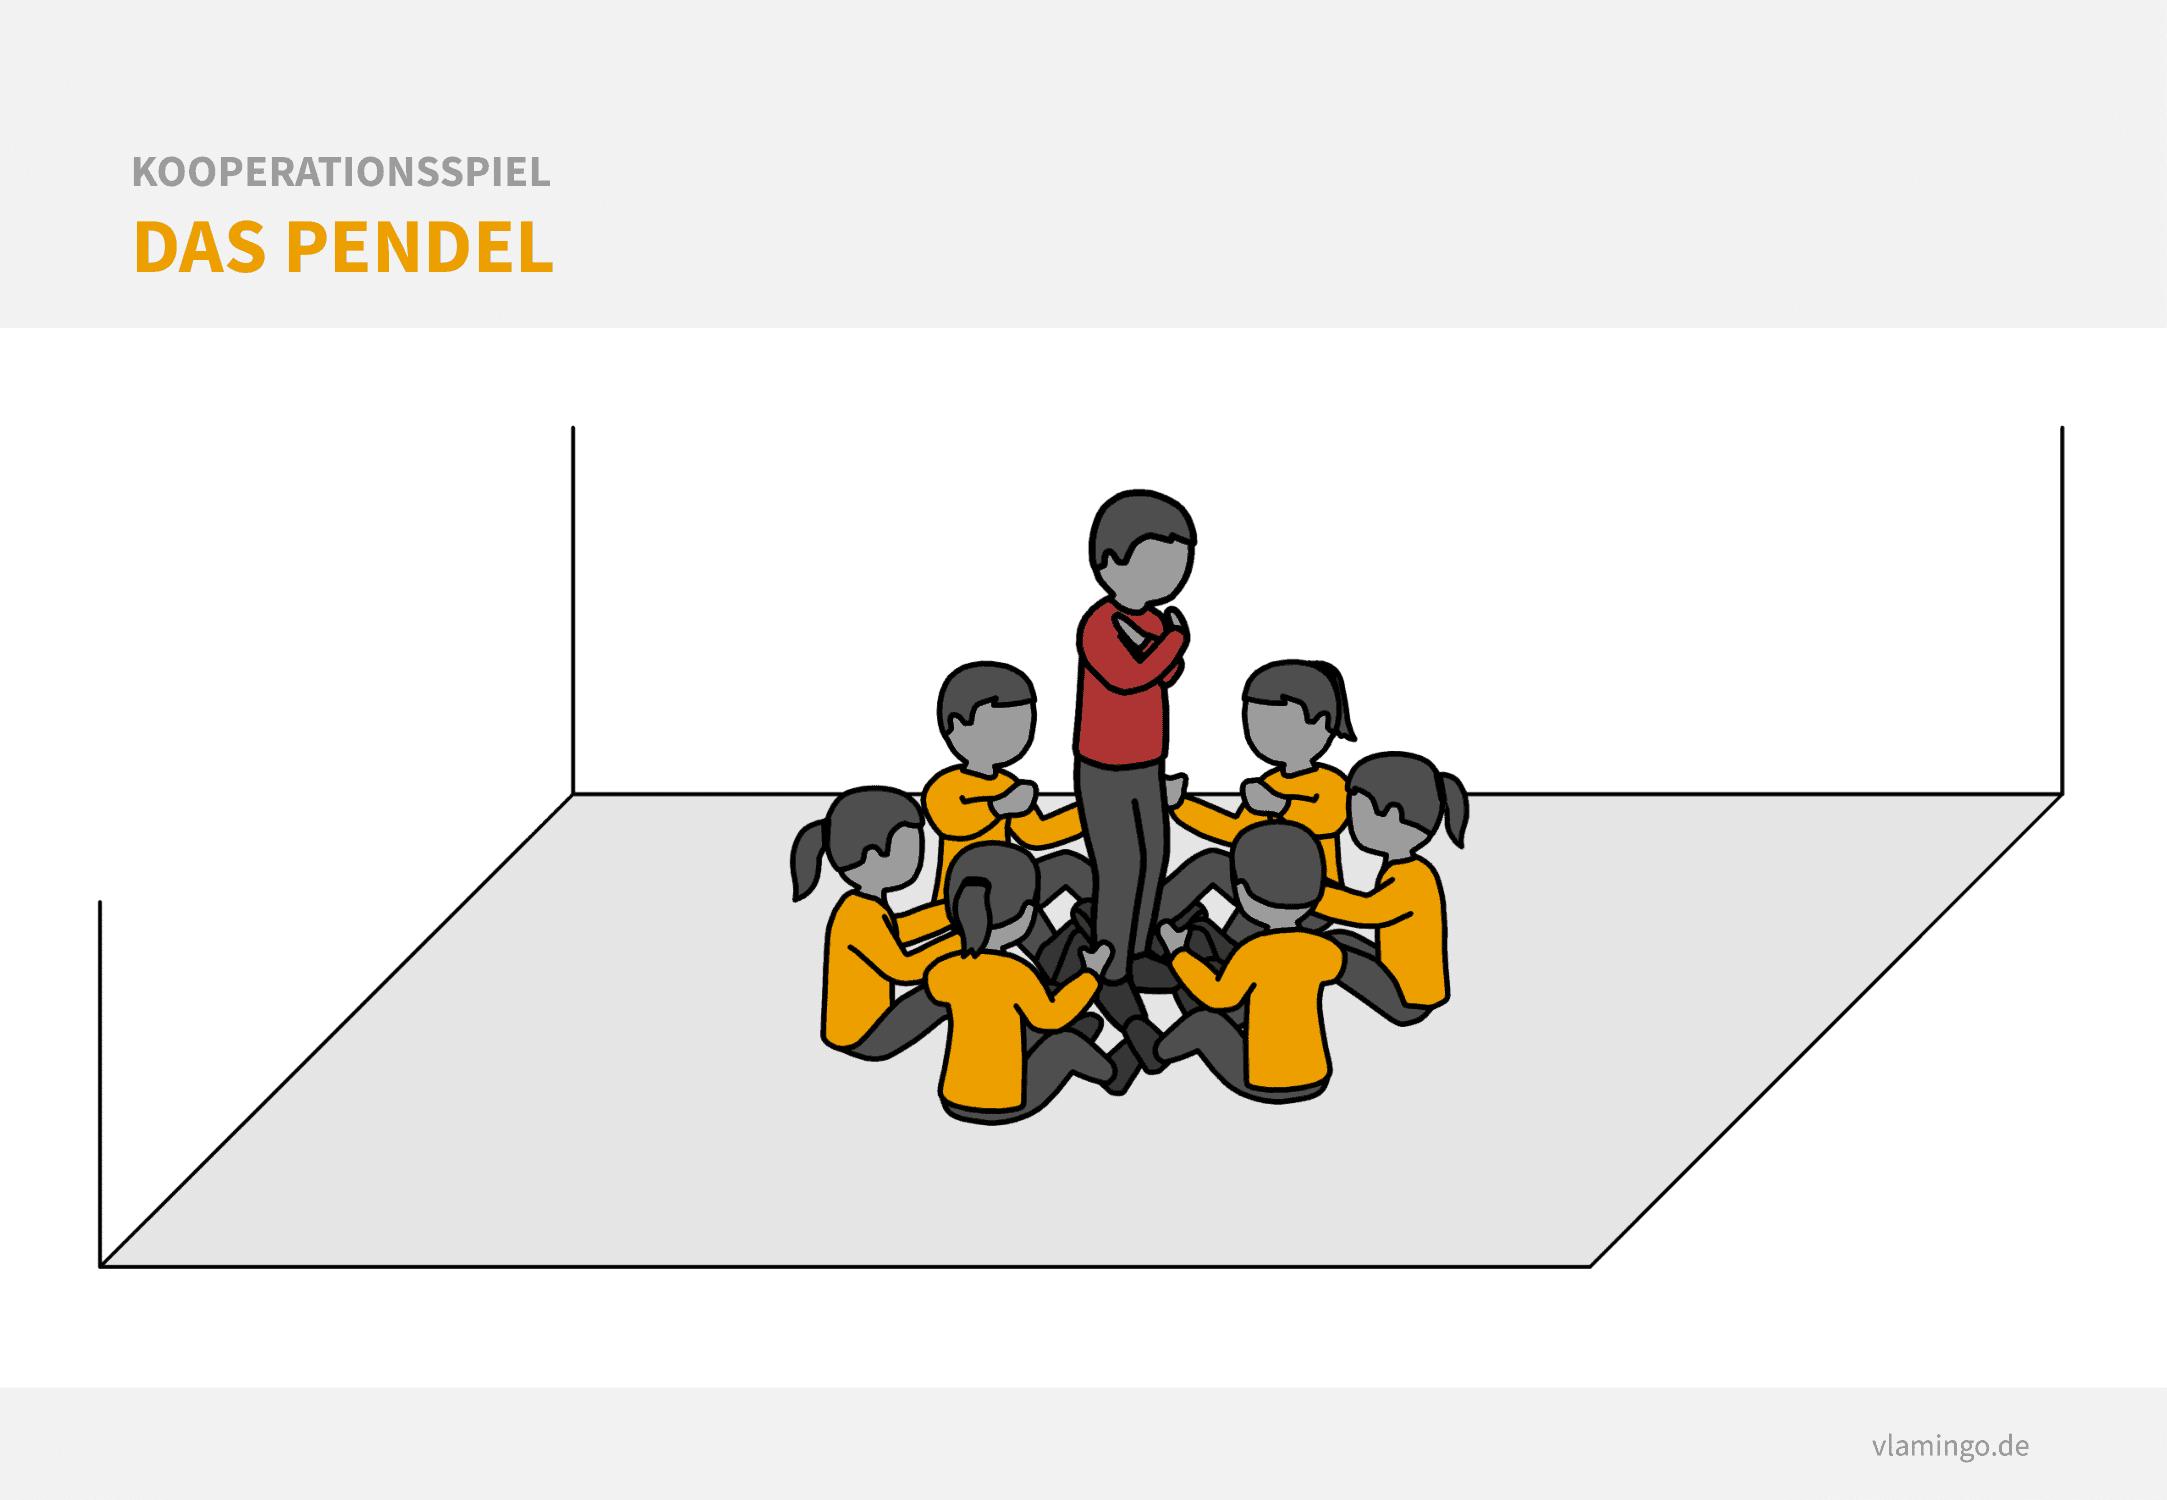 Kooperationsspiel: Das Pendel